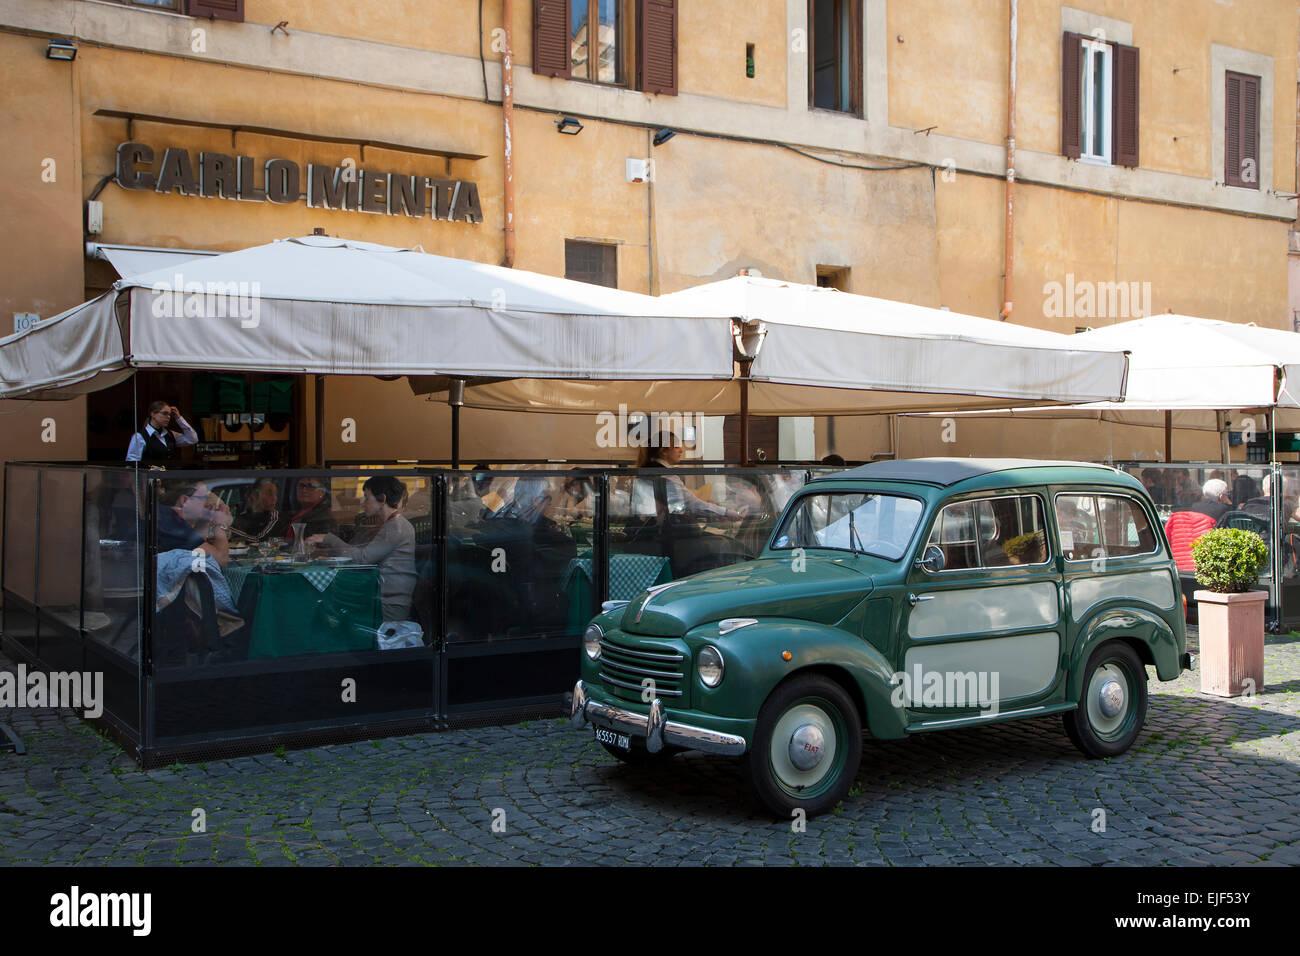 Old Fiat van in the Trastevere district in Rome - Stock Image